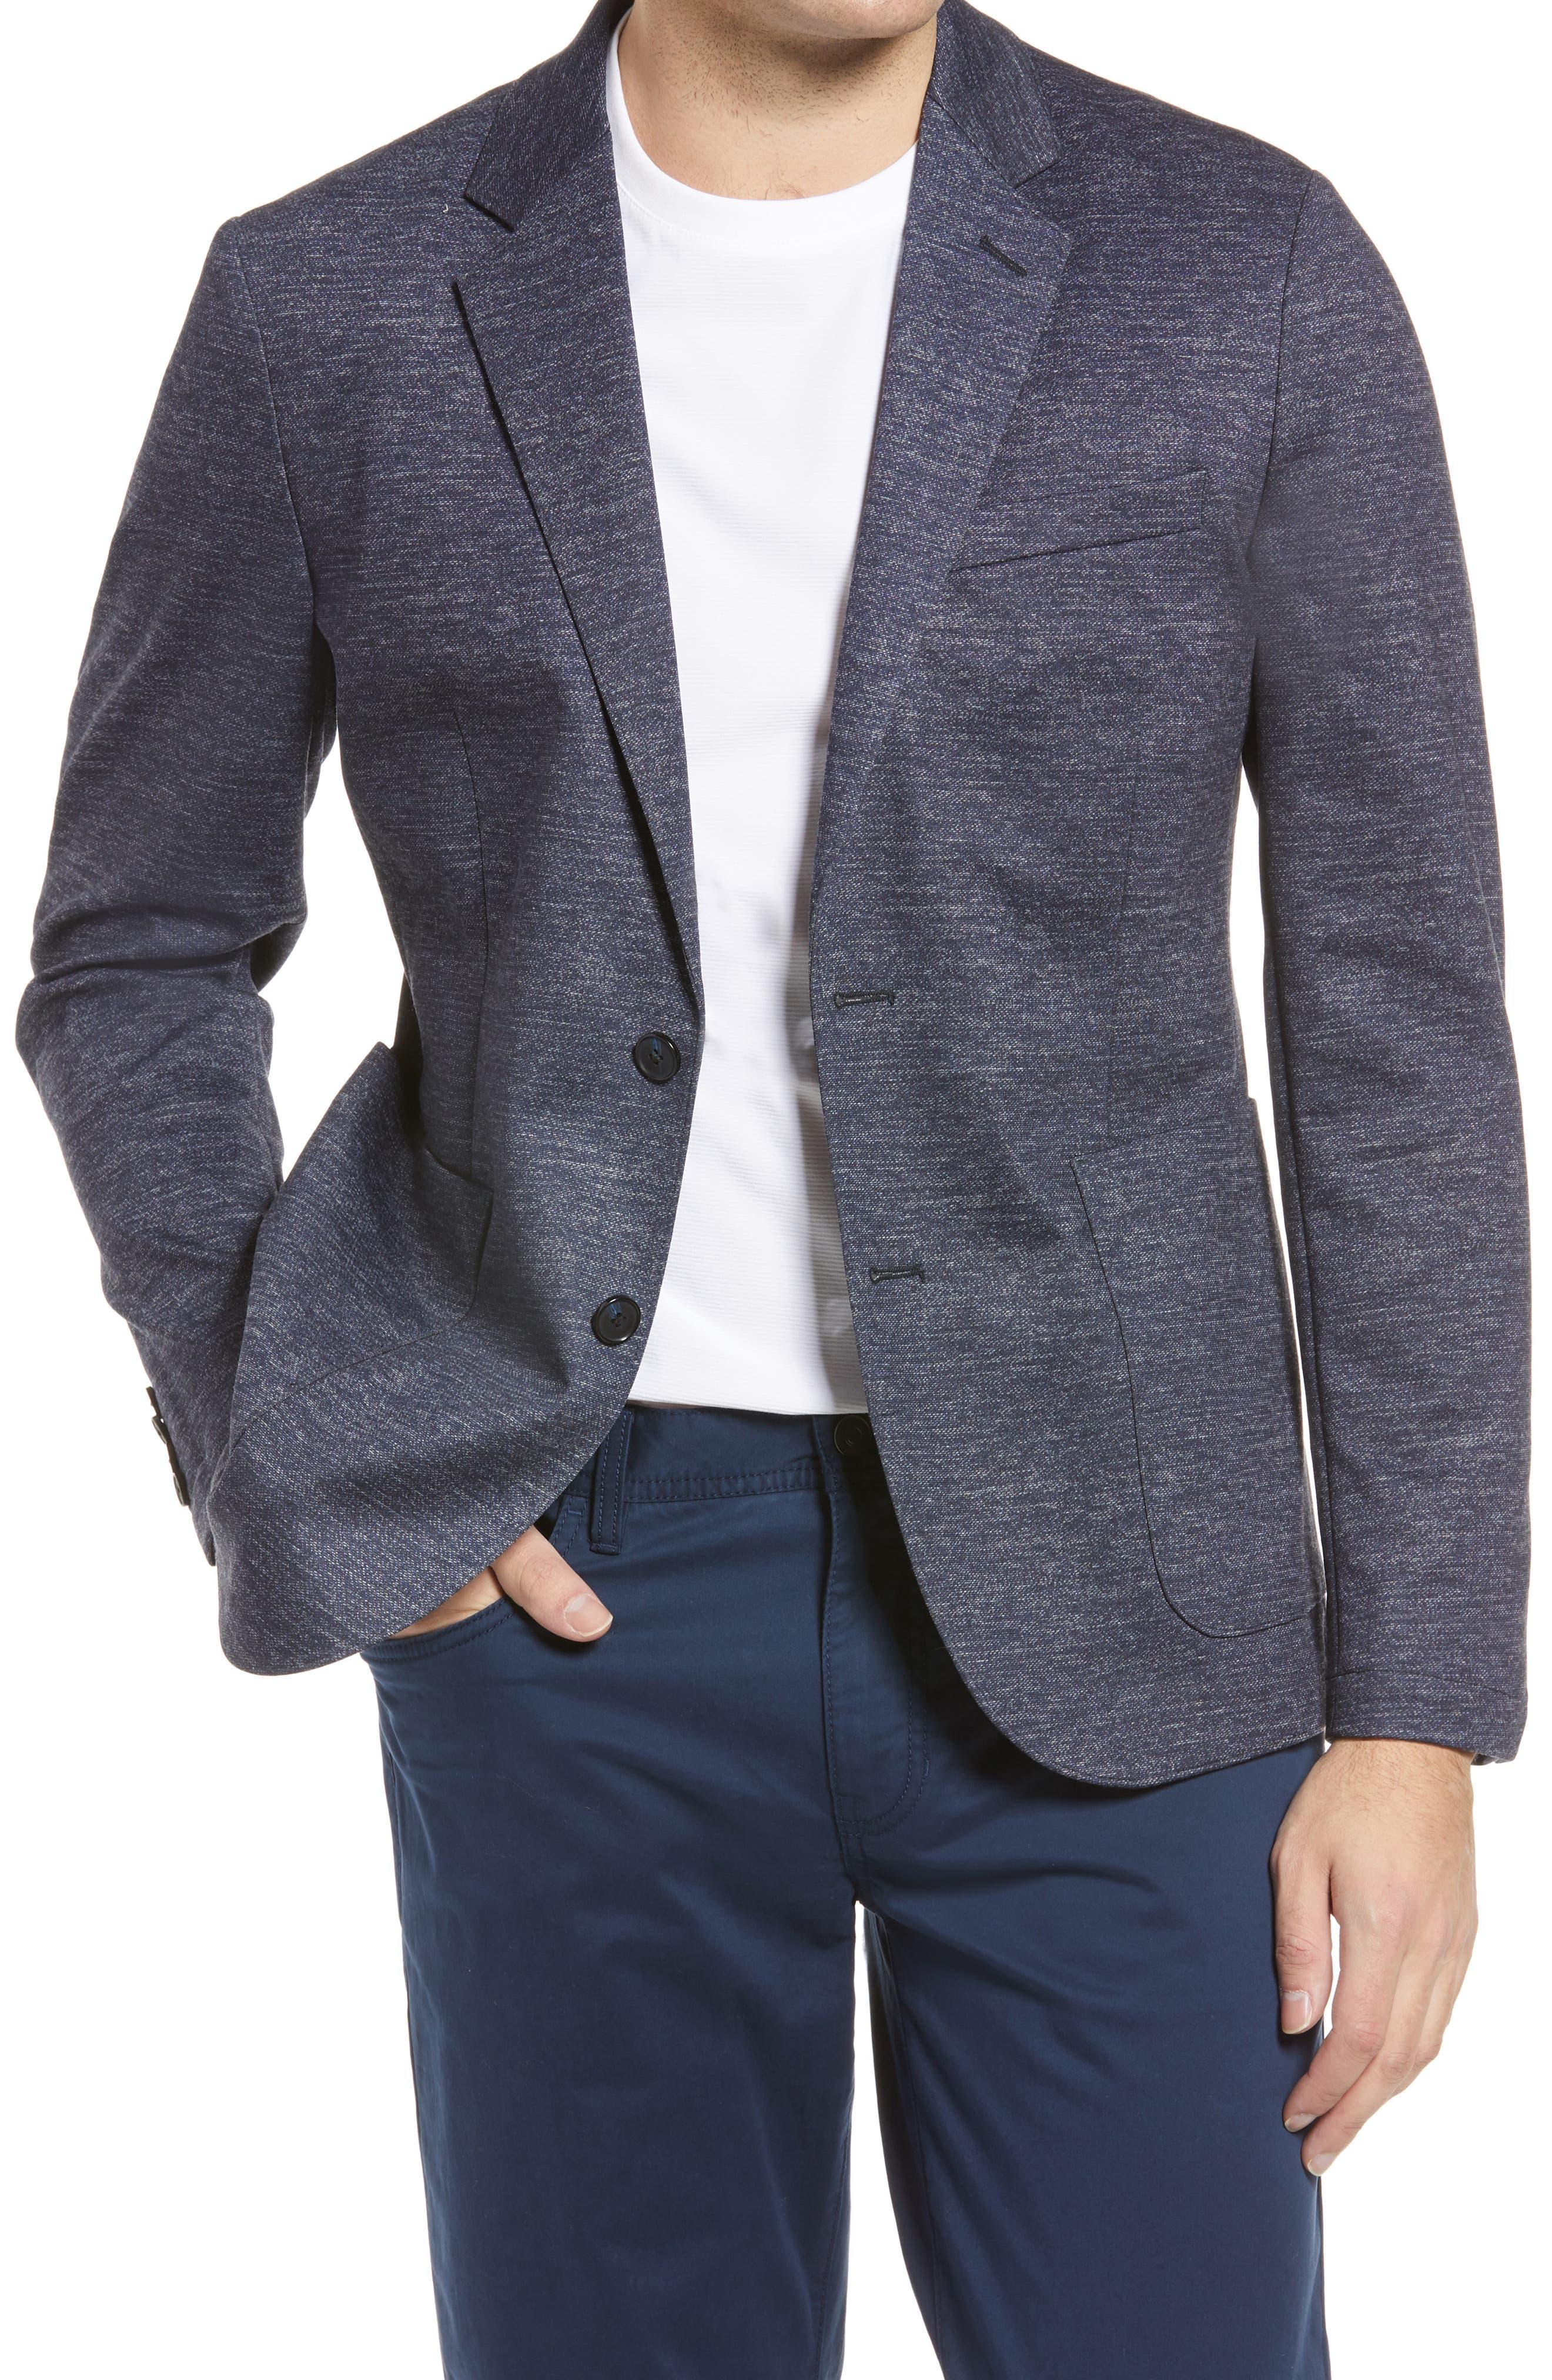 MultiColor Essentials Men/'s Knit Sport Coat Light Gray Size Large